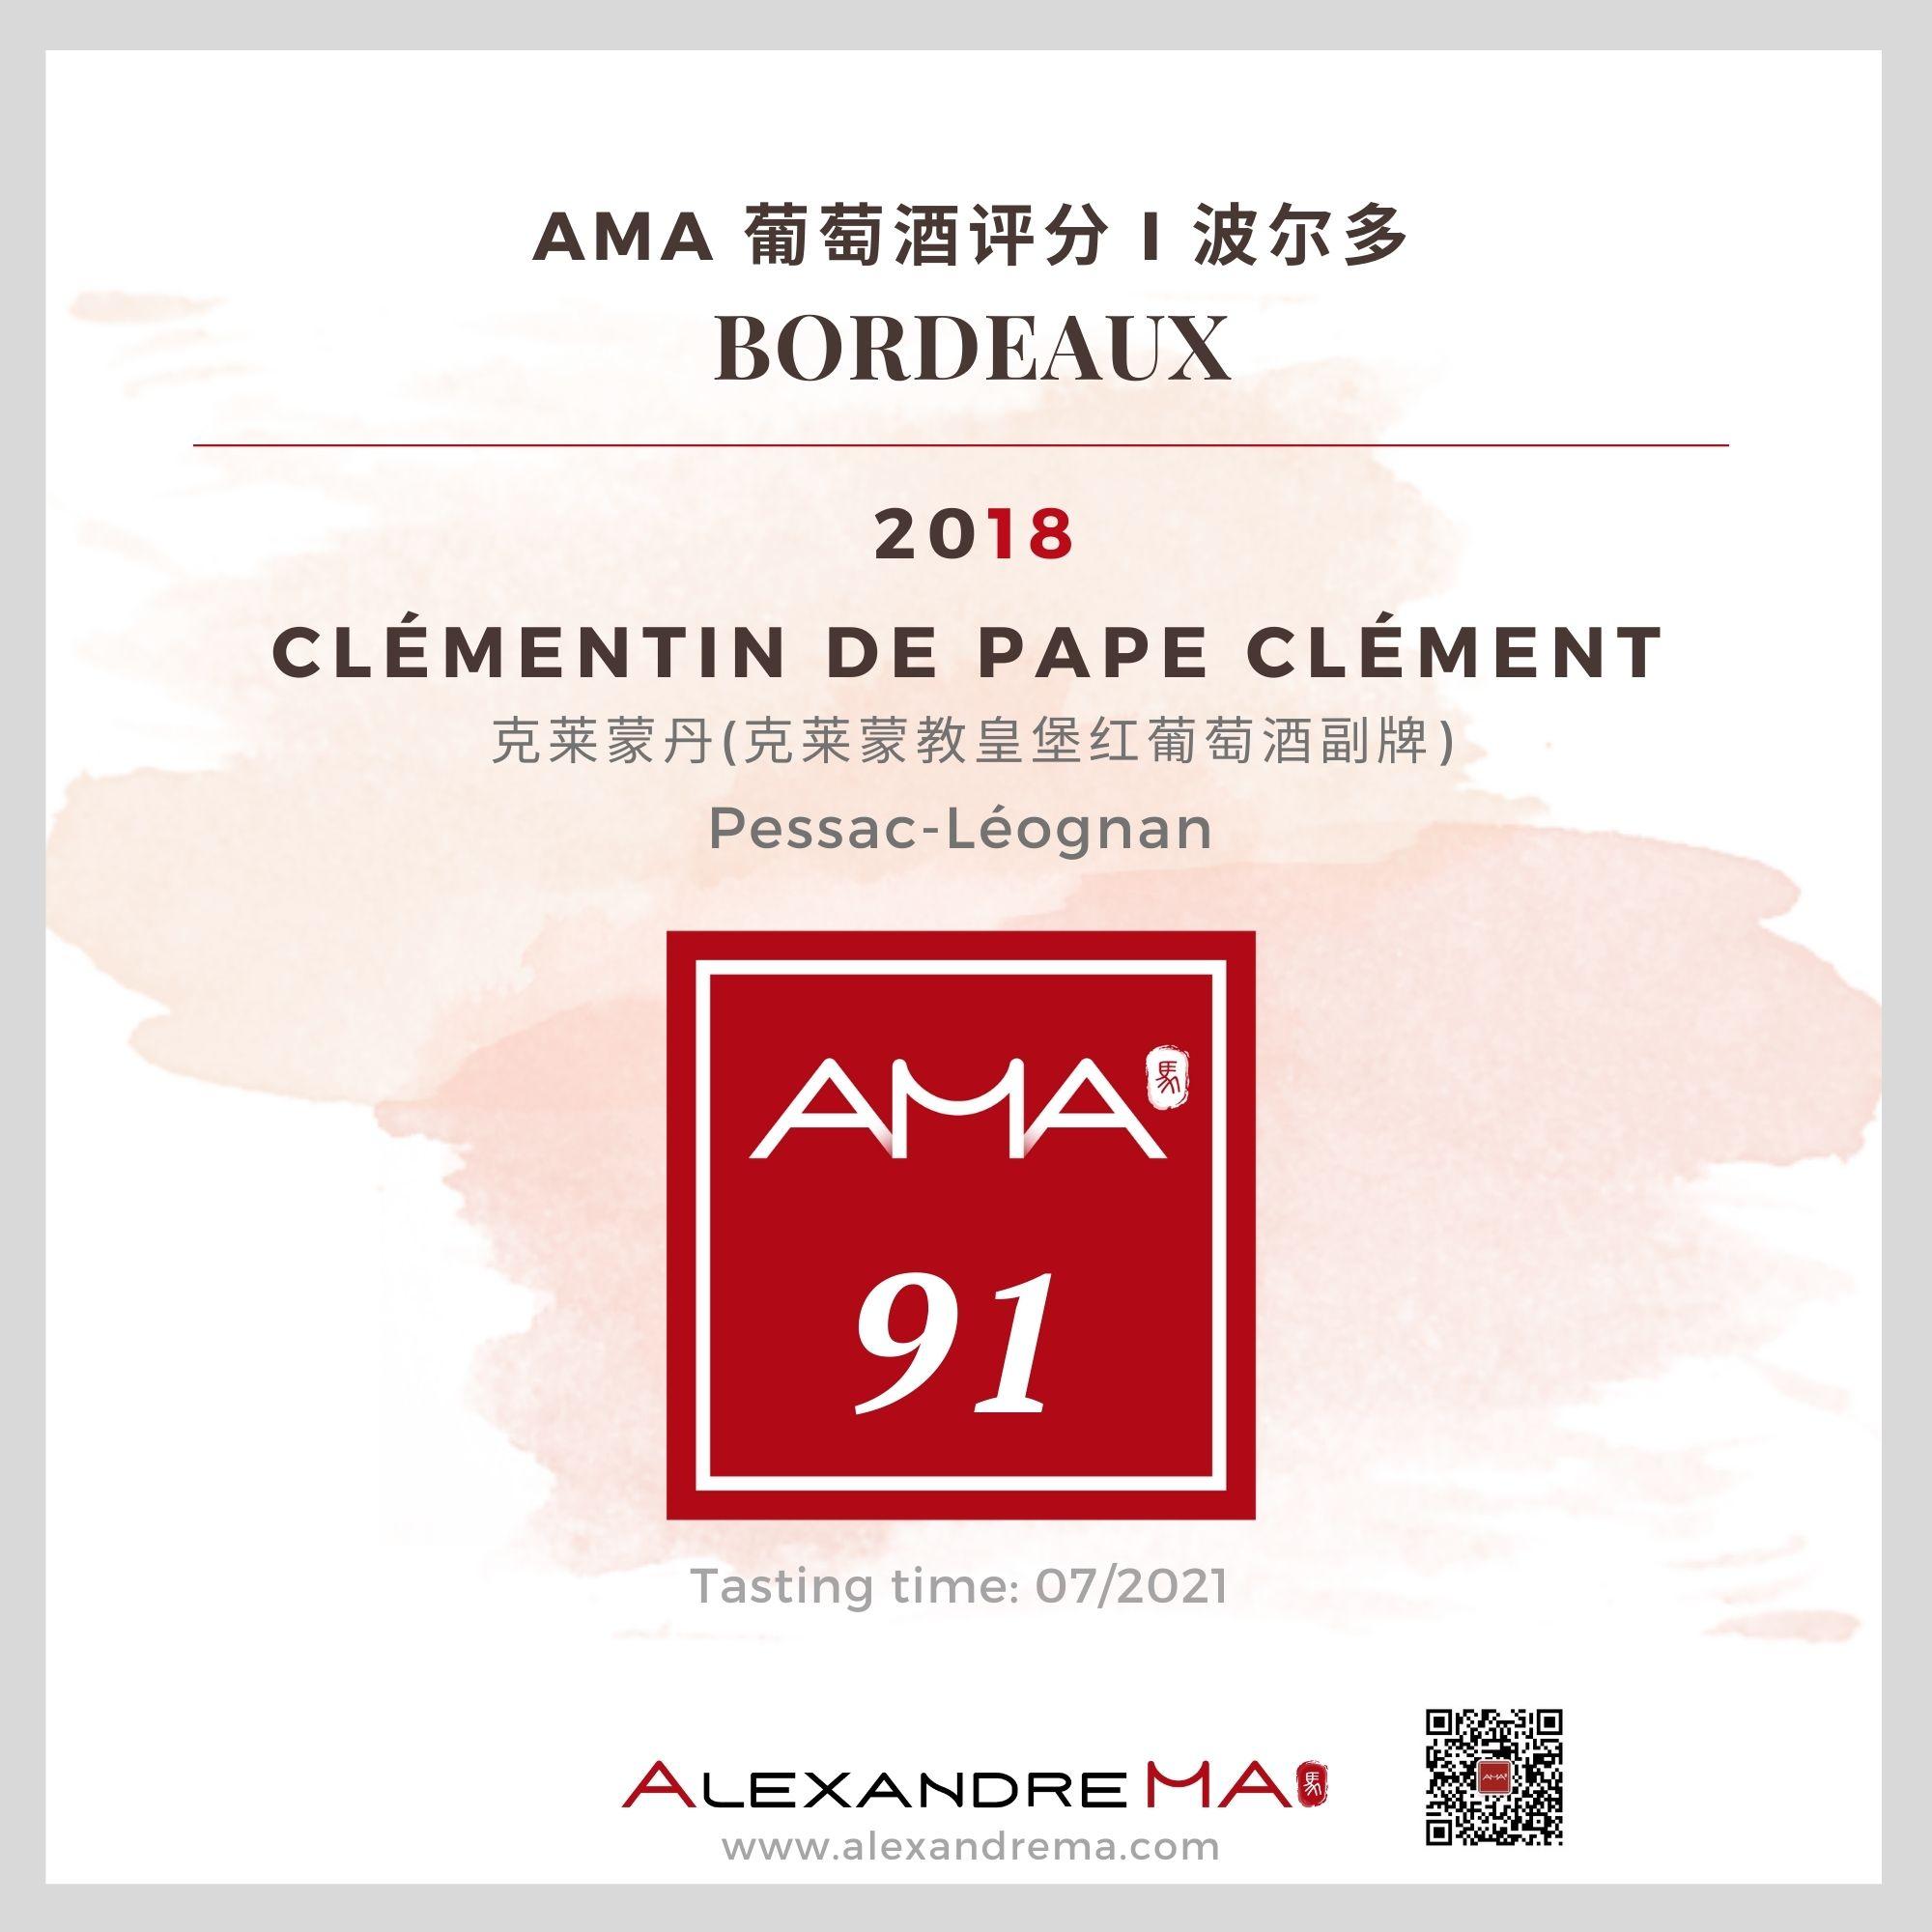 Château Pape Clément – Clémentin de Pape Clément 2018 克莱蒙教皇副牌 - Alexandre Ma